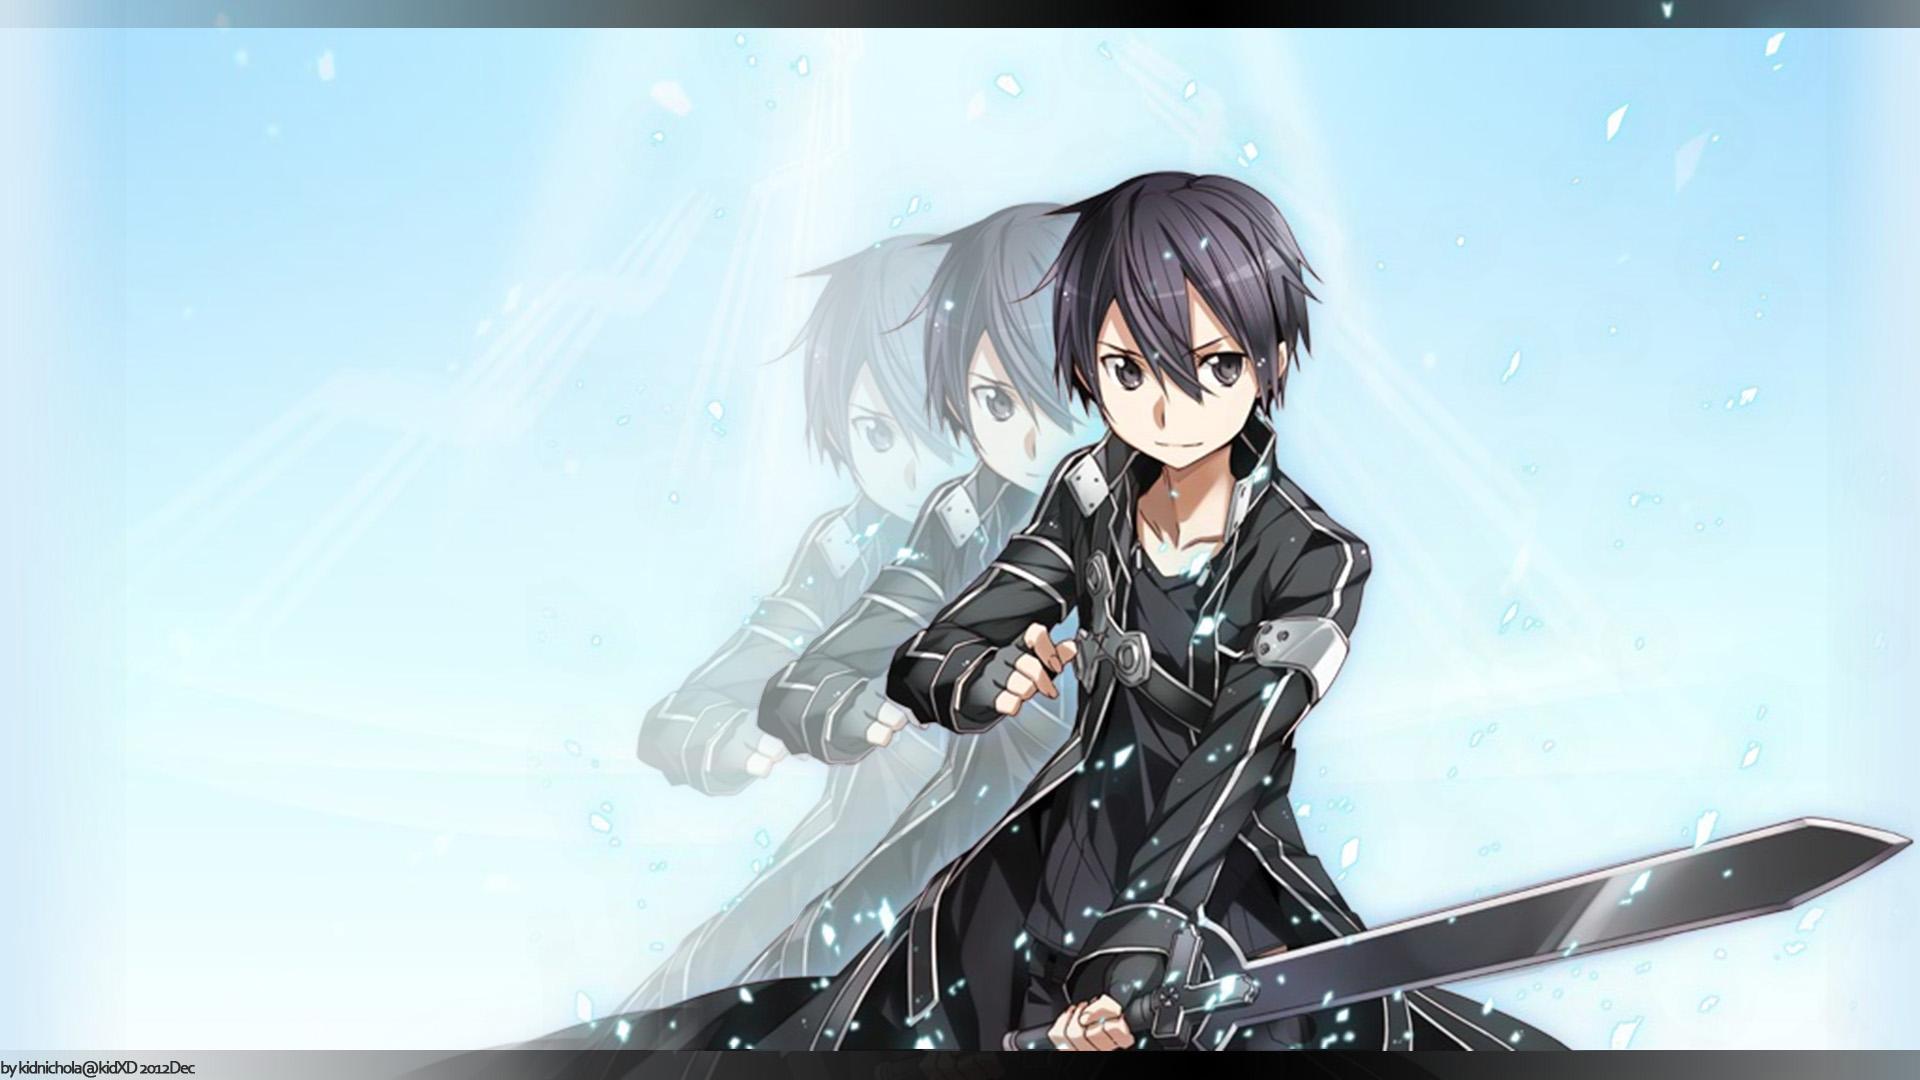 Image Result For Sword Art Online